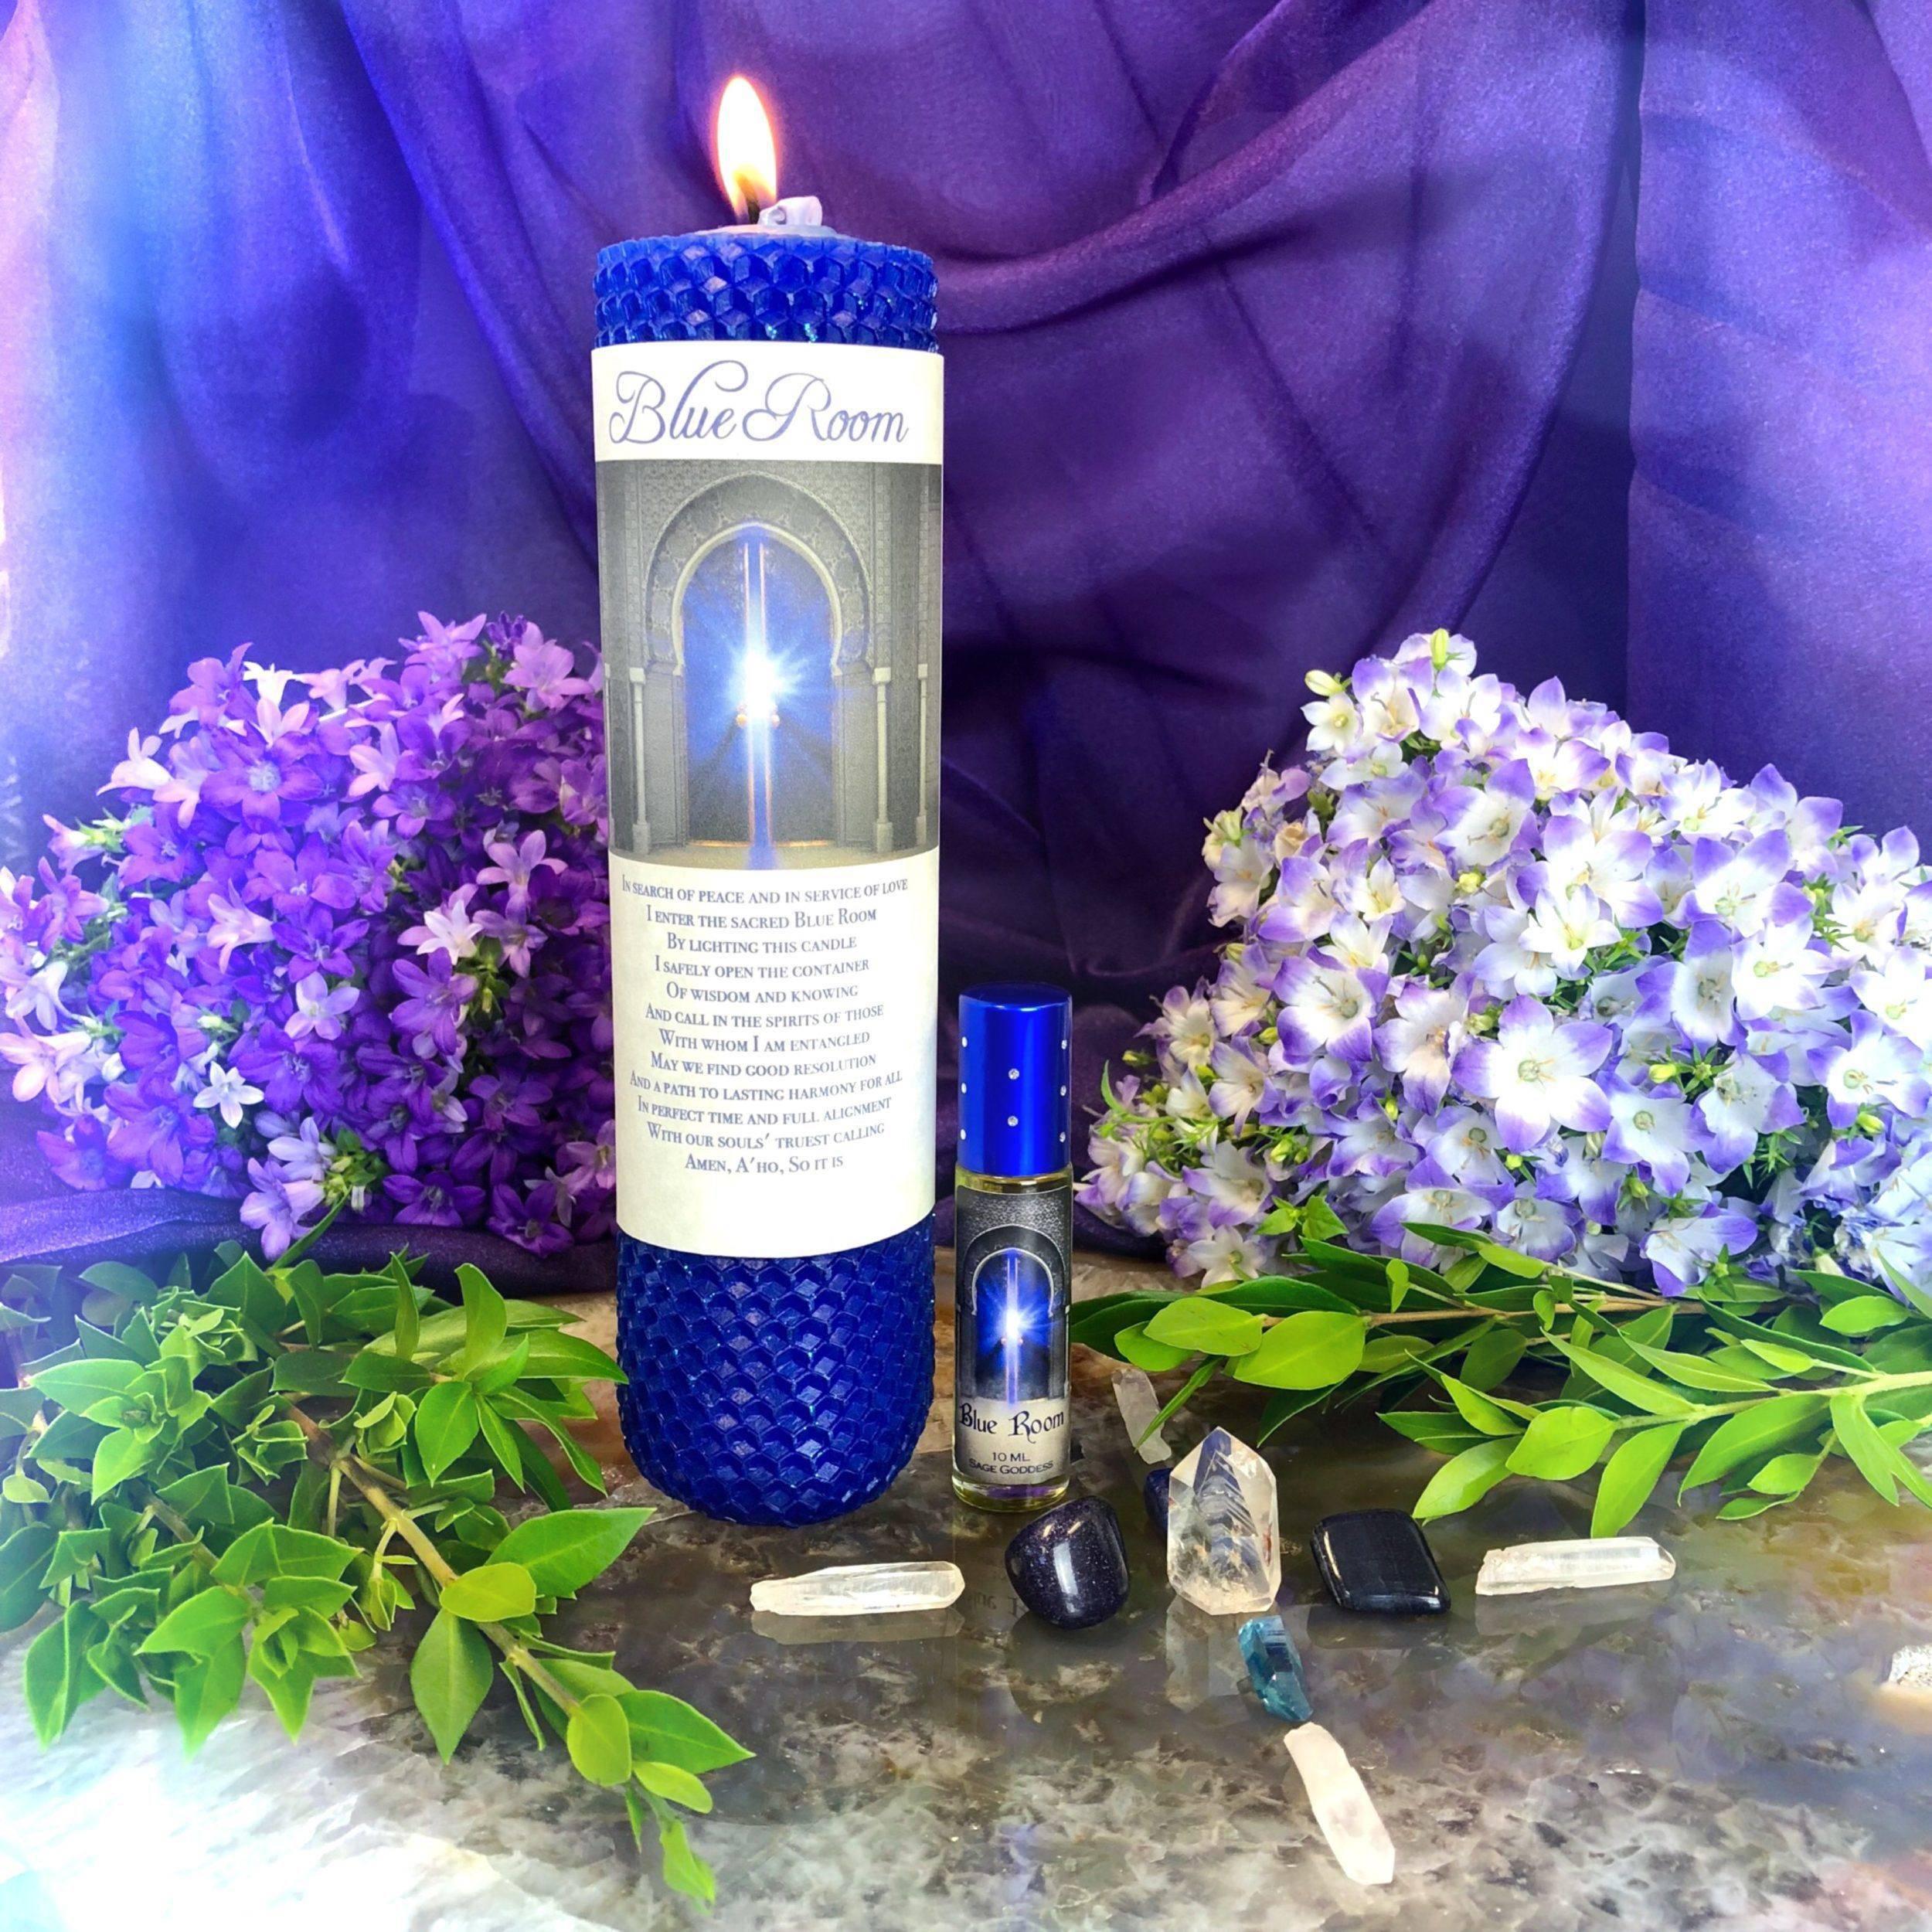 Blue_Room_Meditation_Set_1of6_8_22